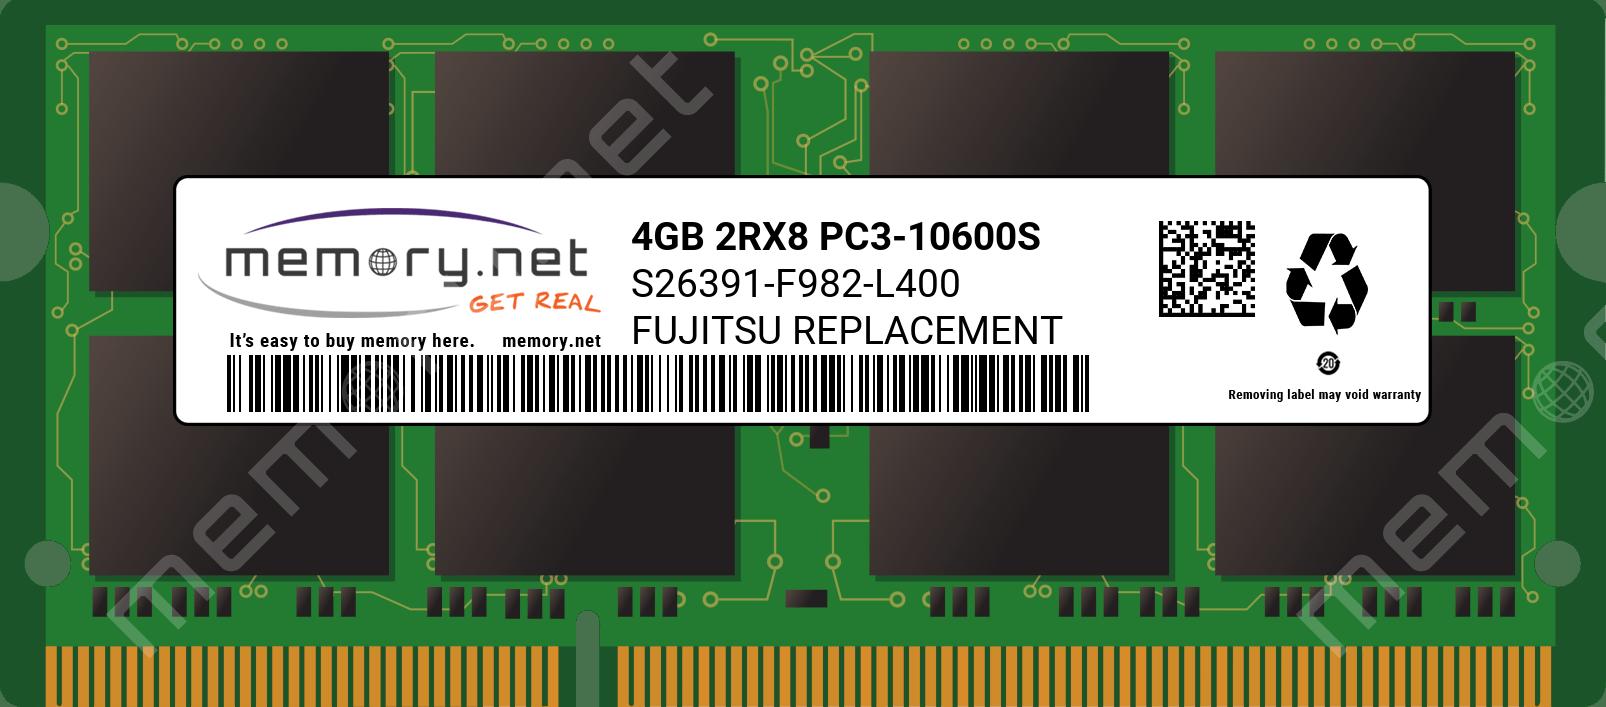 S26391-F982-L400